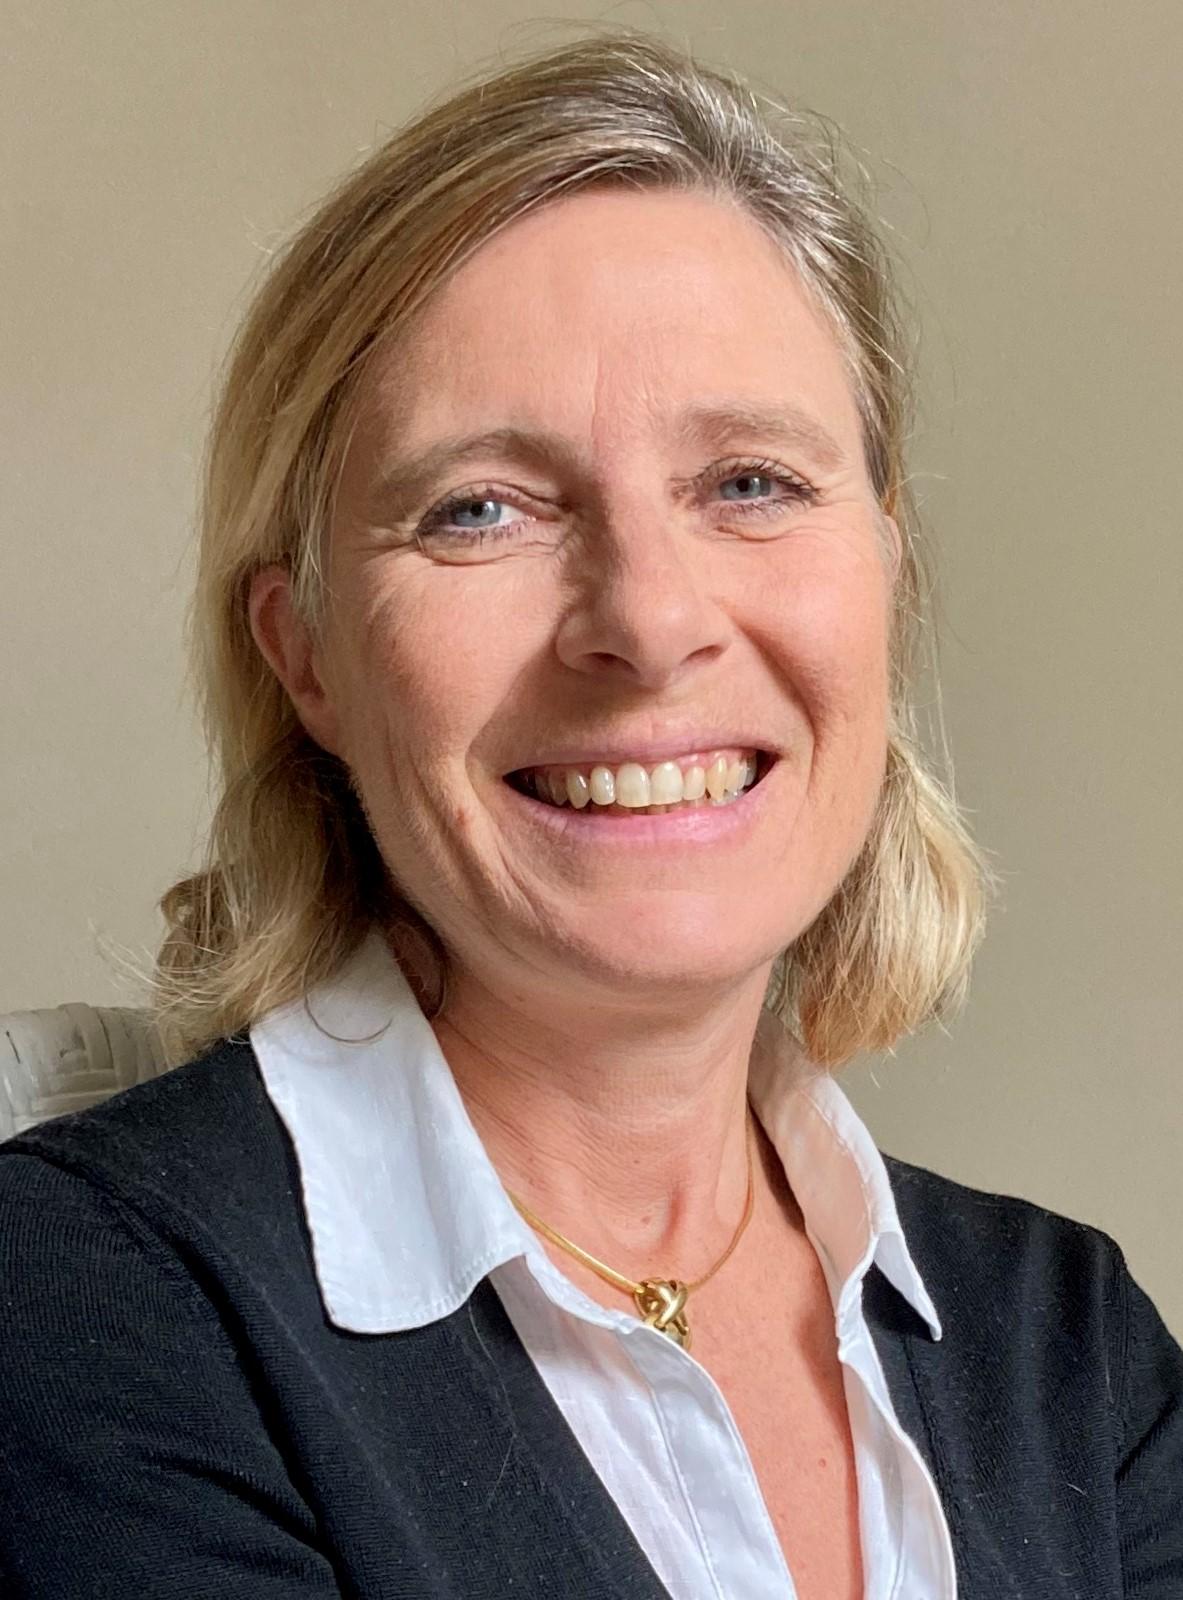 Marielle Romet directrice et rédactrice médicale et scientifique